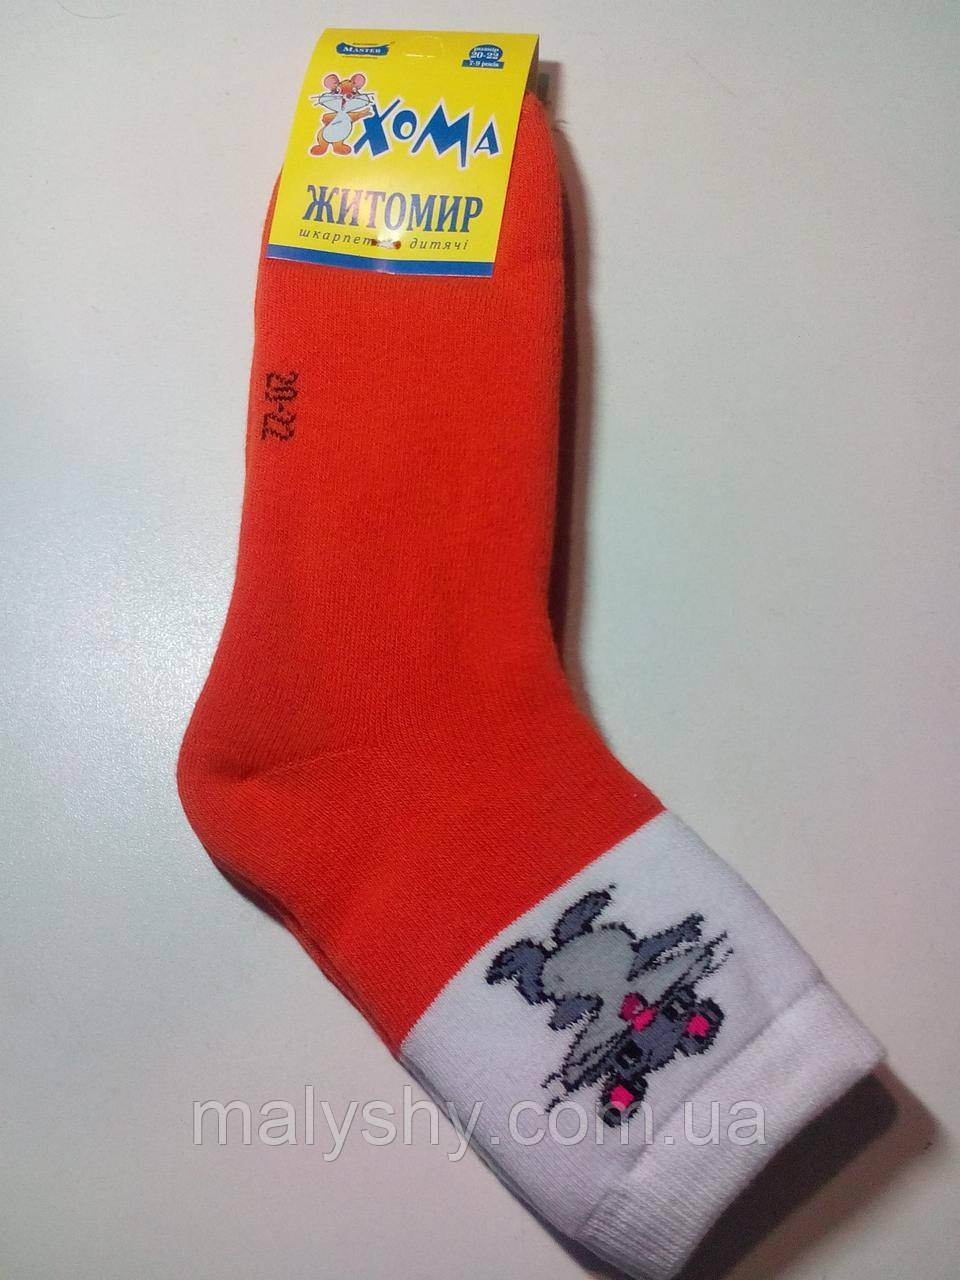 Детские носки махровые ХОМА ЖИТОМИР р.20-22 МЫШКА-оранж/шкарпетки дитячі зимові махрові, носочки махра зимние